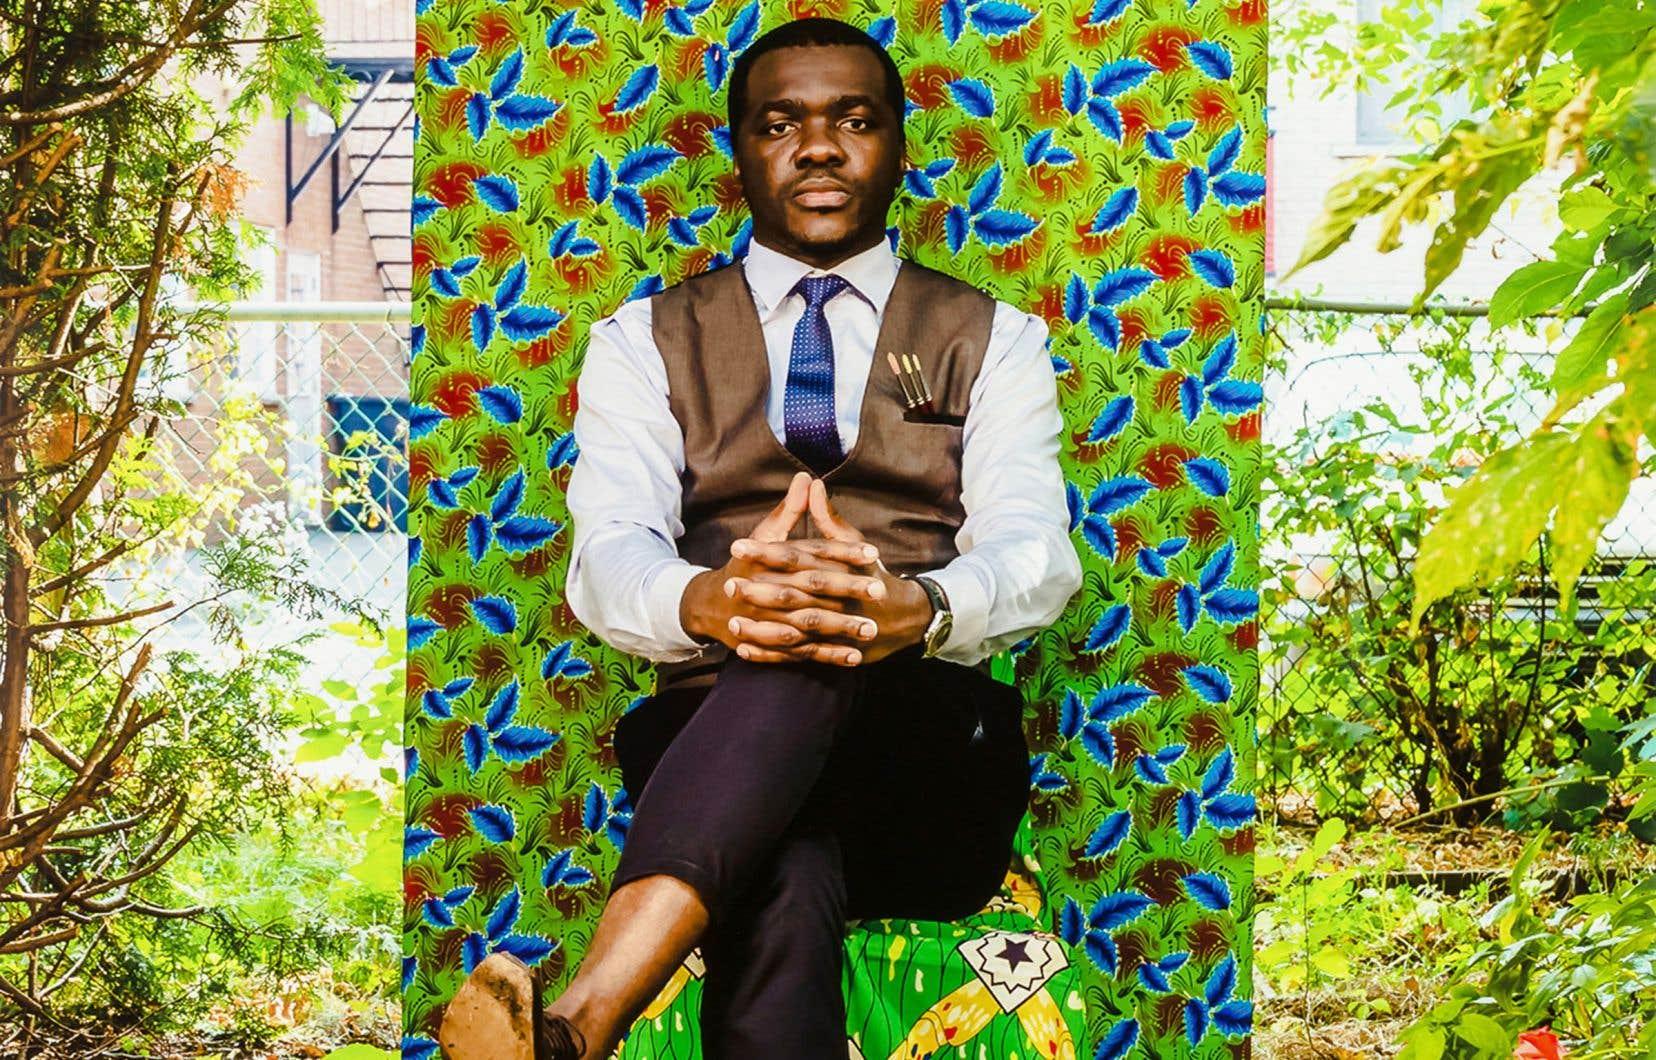 Détail de l'oeuvre «Authentique no 1», Moridja Kitenge Banza, 2017 © Moridja Kitenge Banza